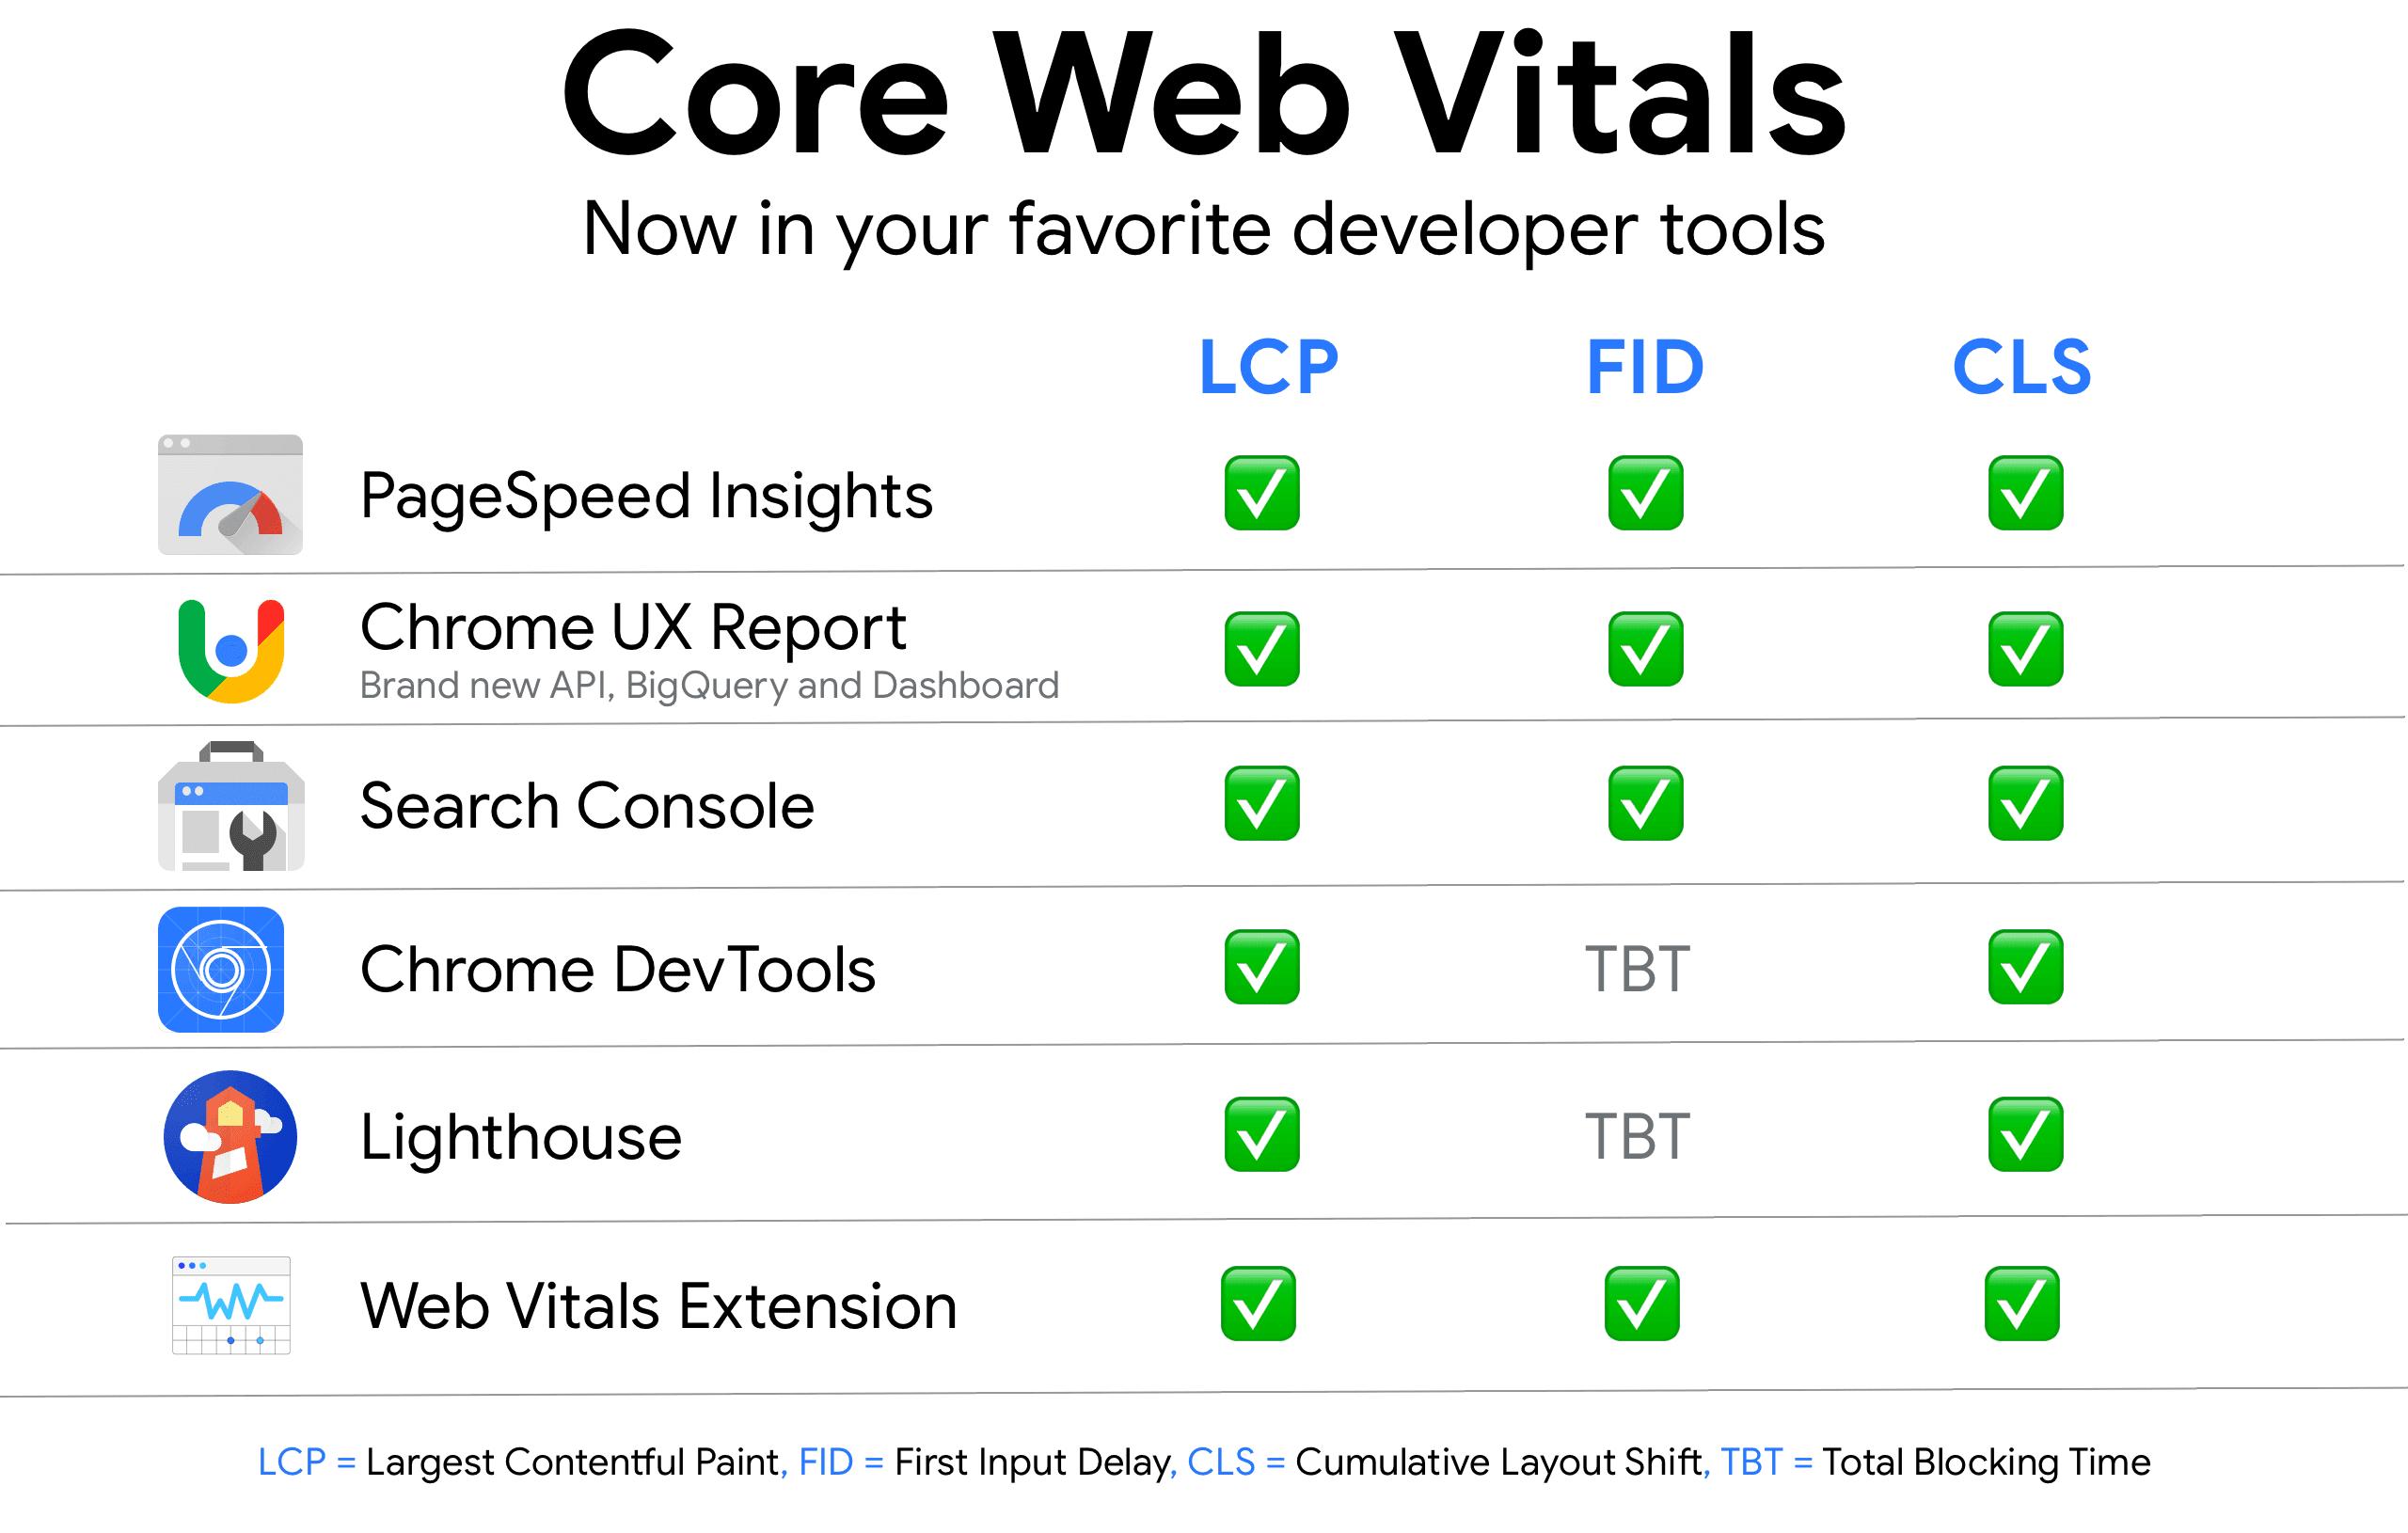 Strumenti di analisi dei Core Web Vitals